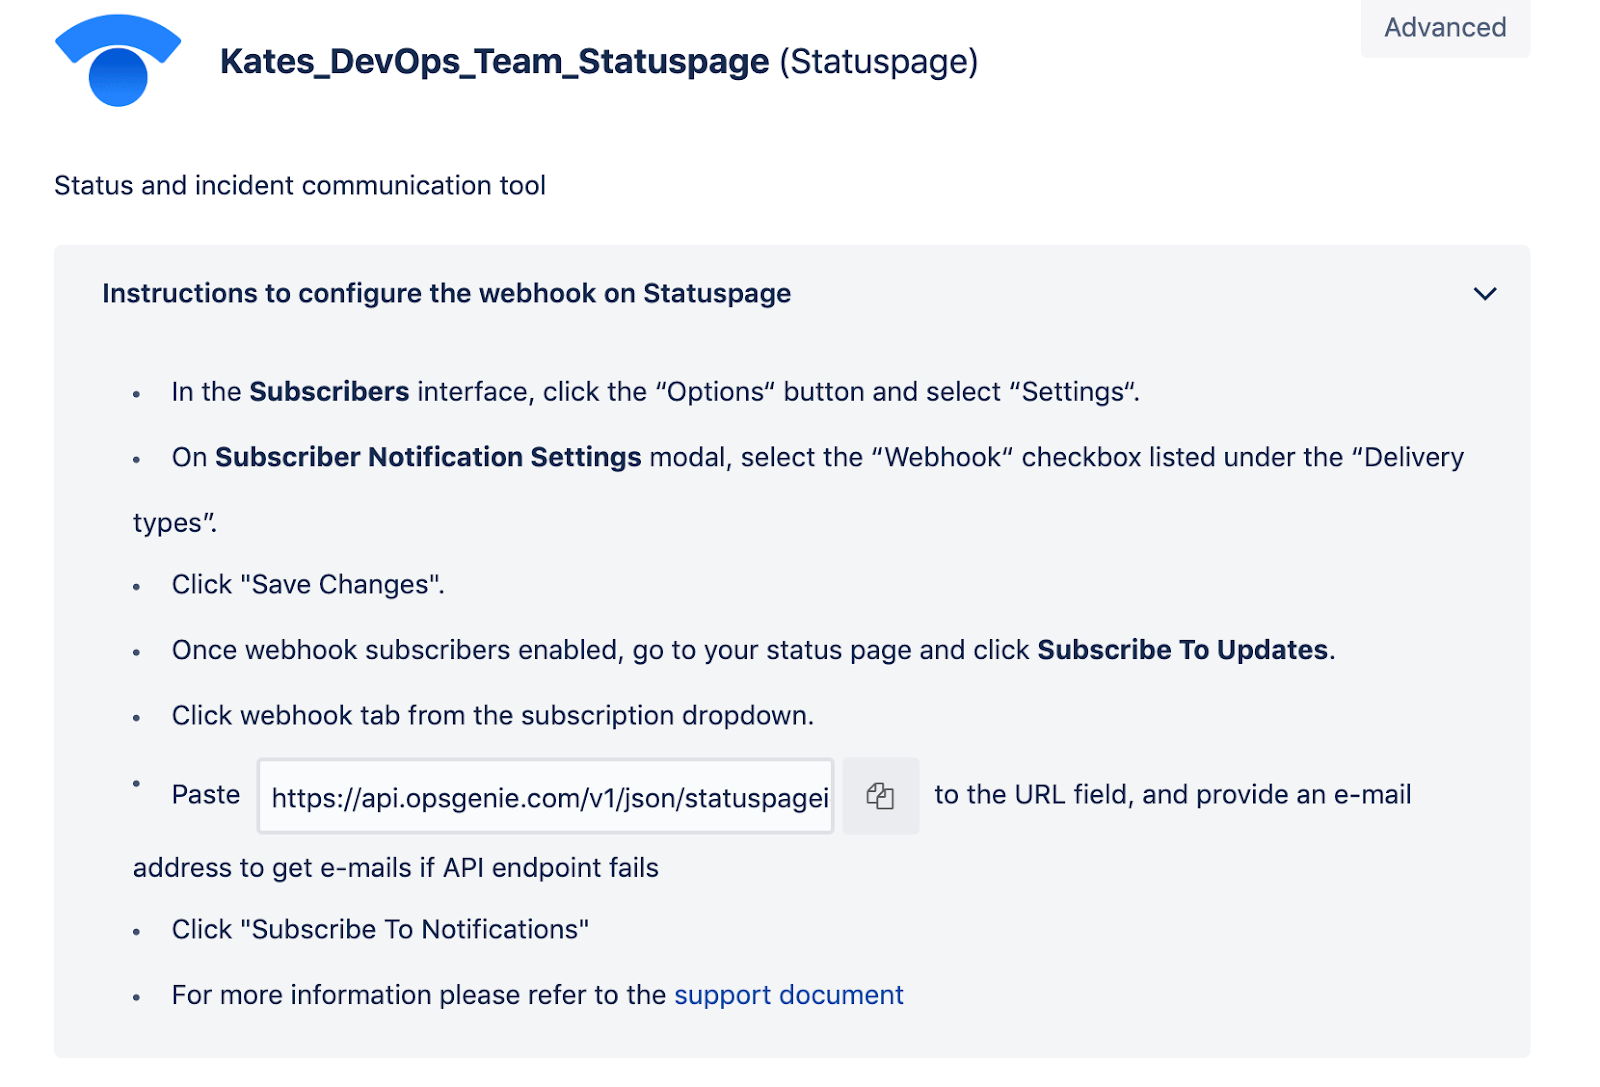 Инструкции по настройке веб-хука в Statuspage